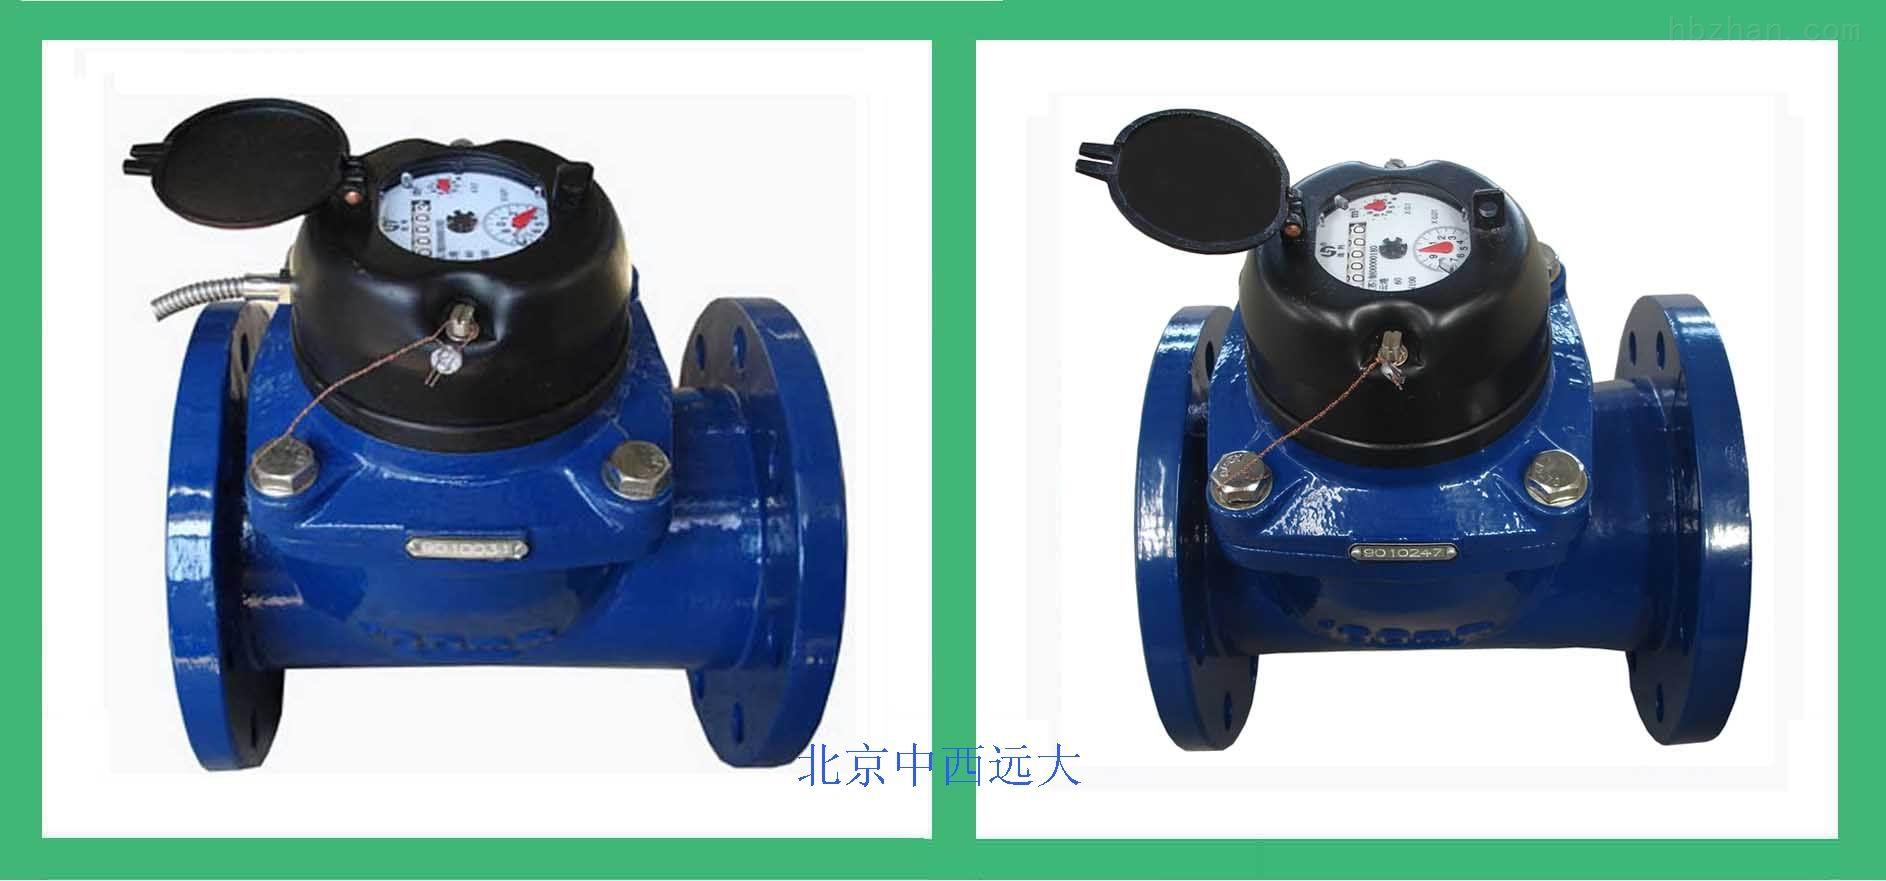 > lxlgc-500e水平螺翼可拆干式冷水表 型号:lxlgc-500e图片